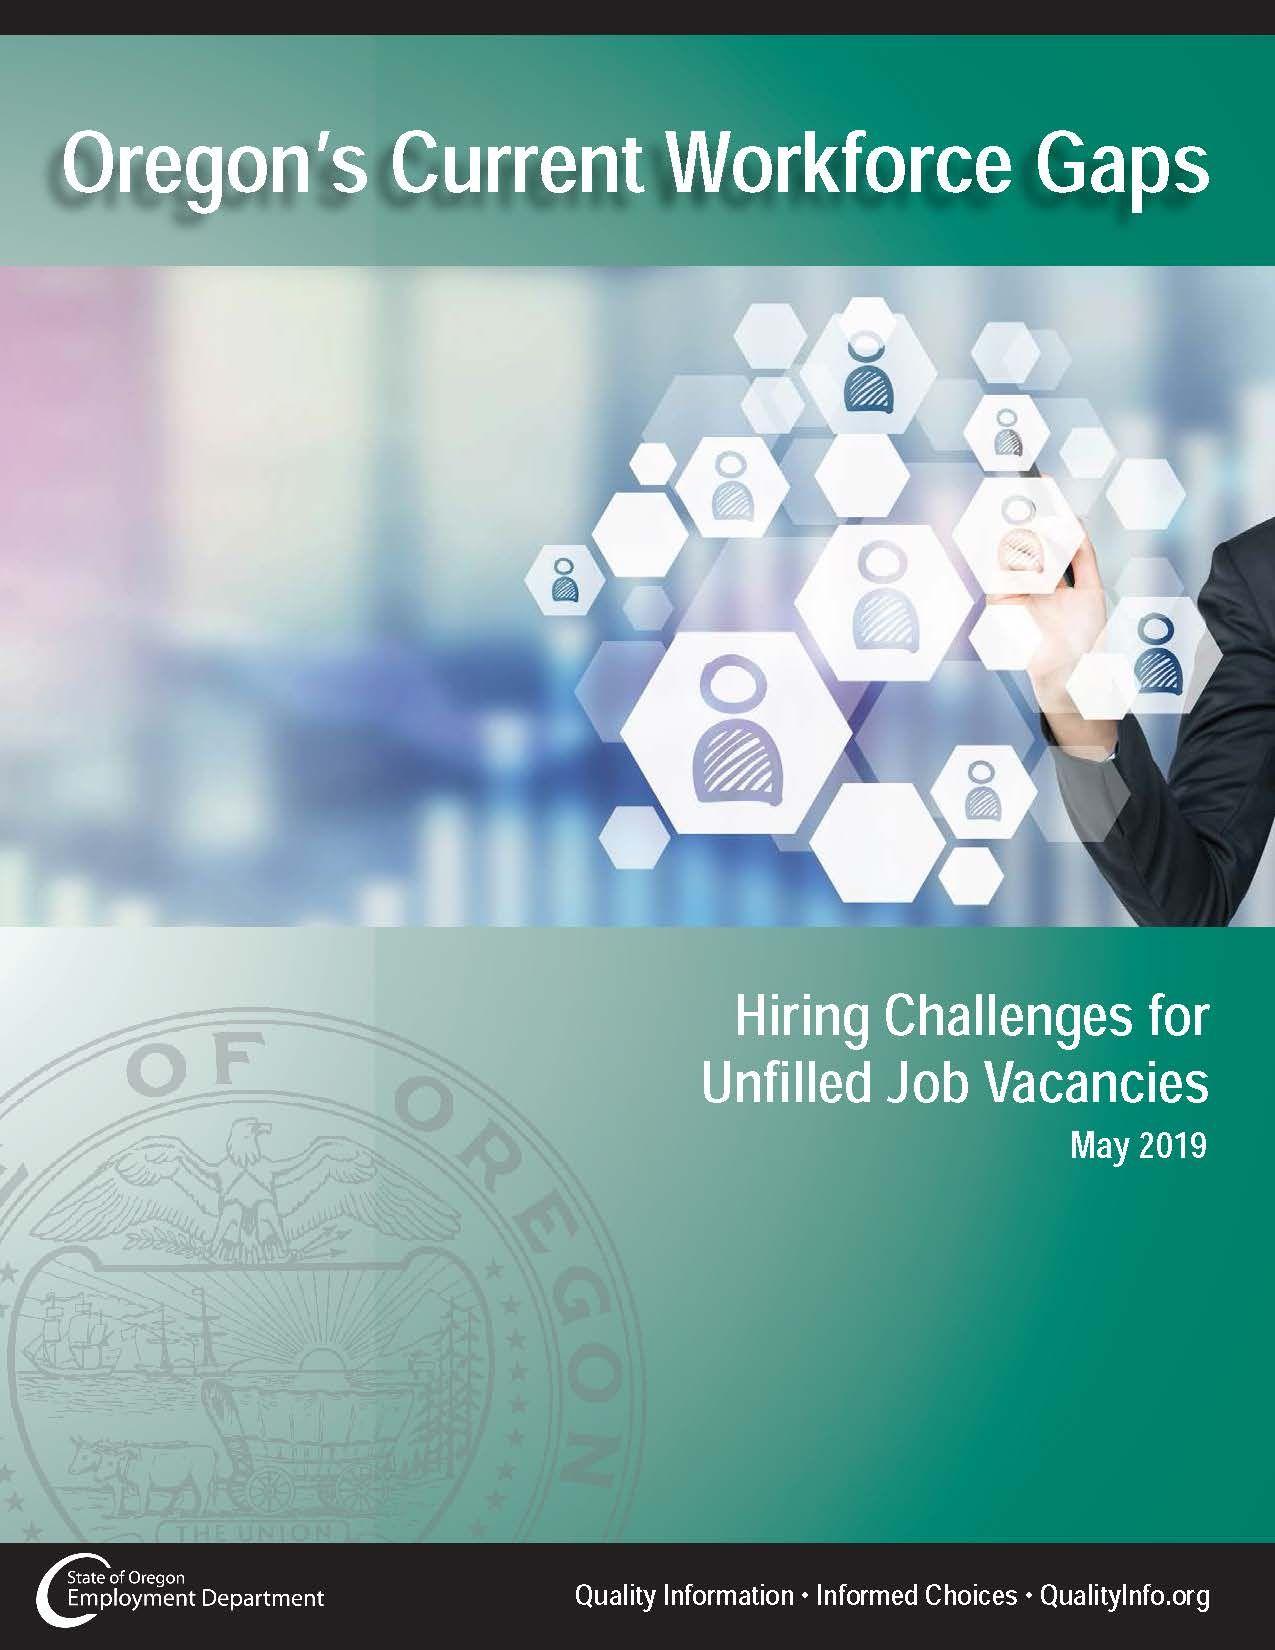 Oregon's current workforce gaps : hiring challenges for